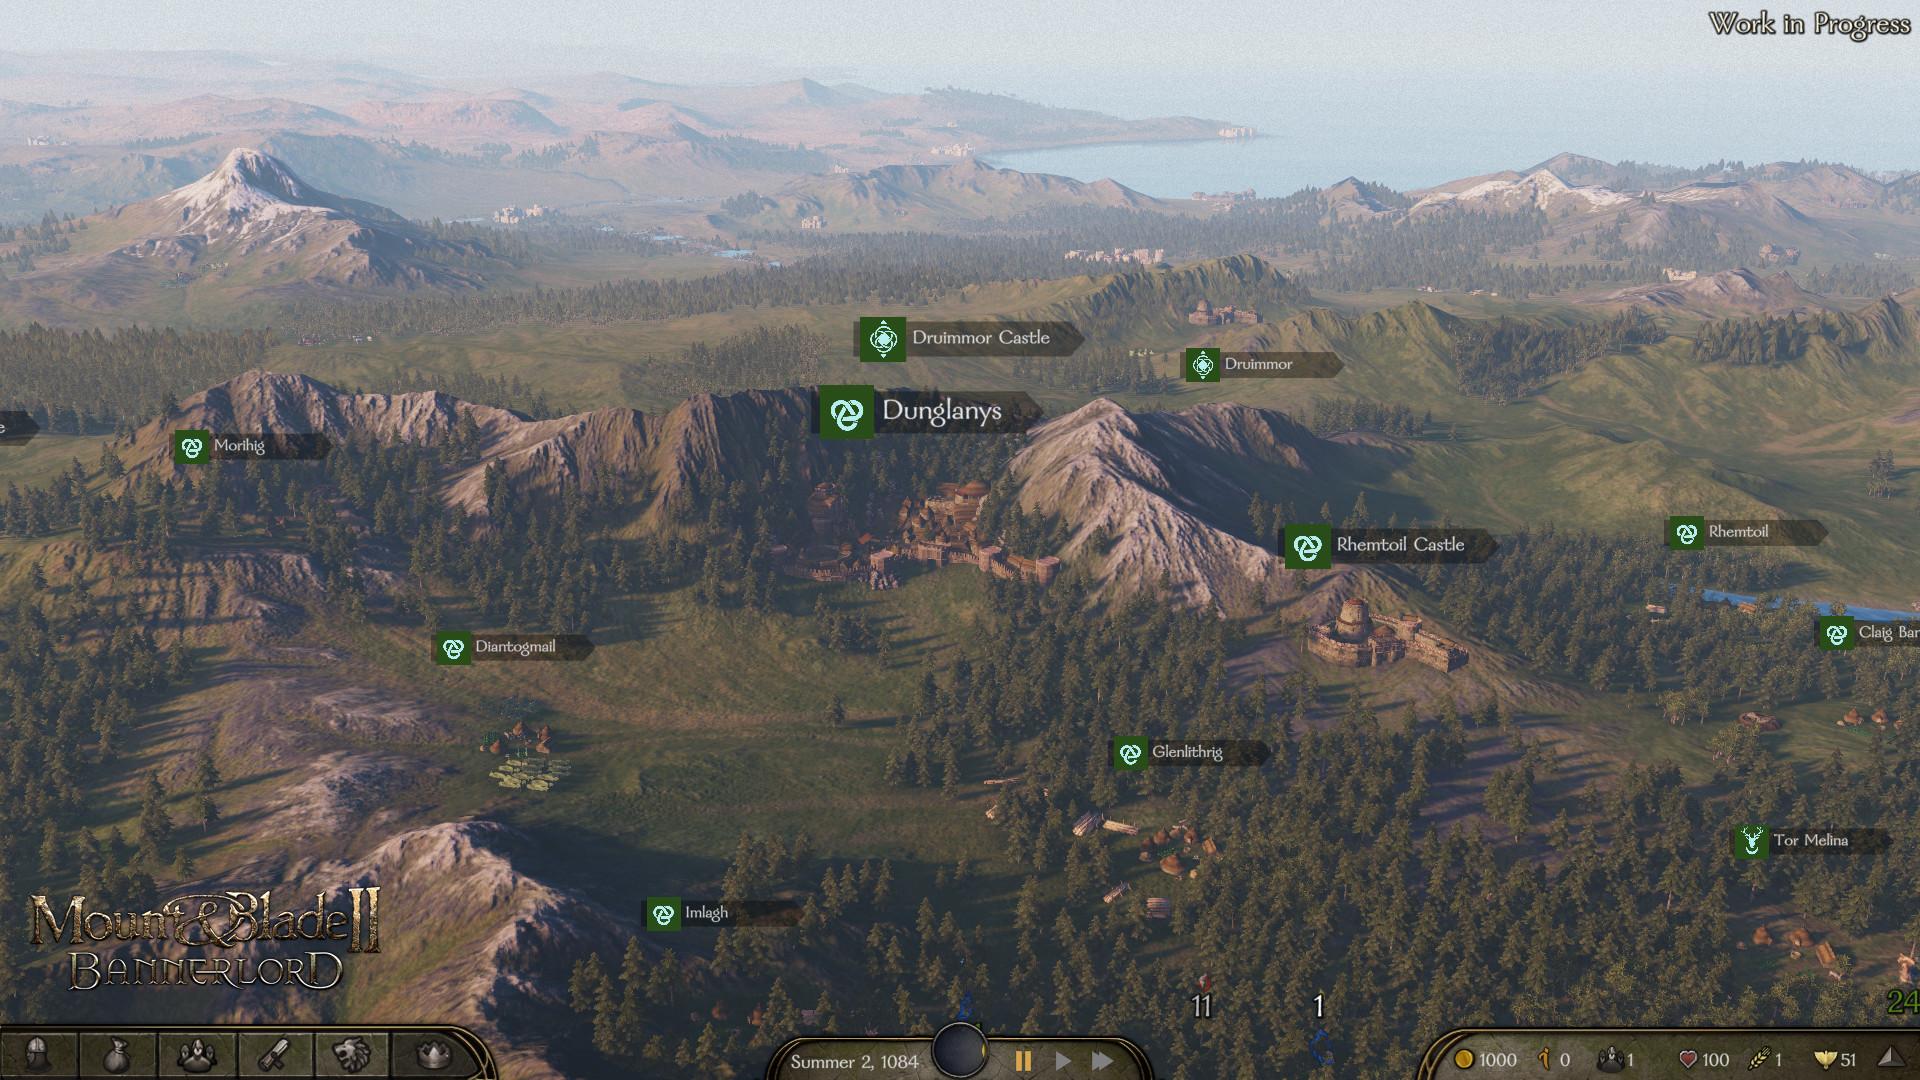 Toda la información sobre Mount & Blade 2: Bannerlord ¡Ya traducido! Ss_d5bd86bb6ef8952ca5f1fbe9d17903898555c3ff.1920x1080